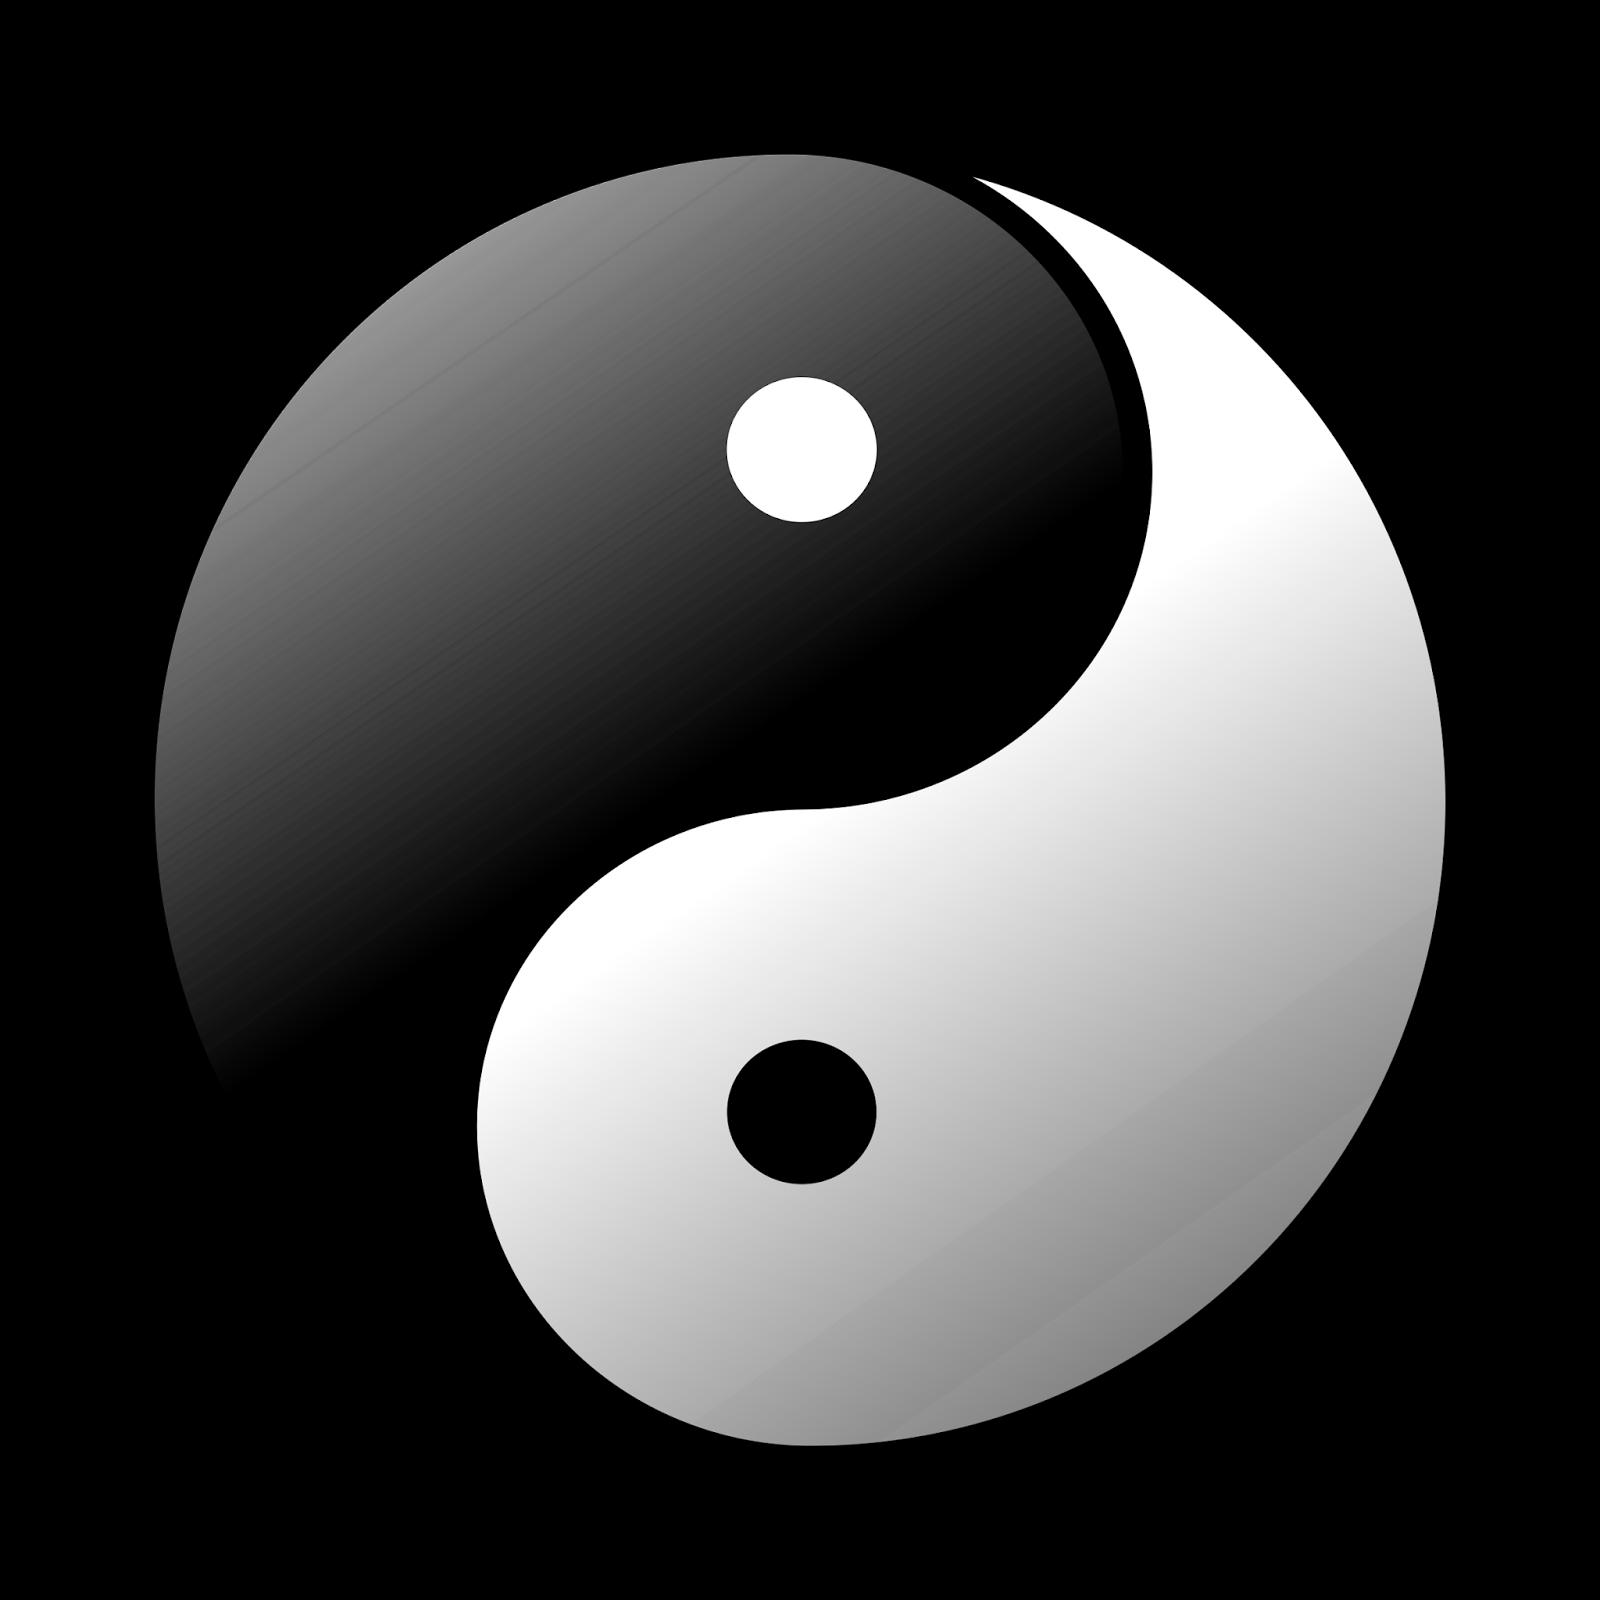 Il TERZO OCCHIO: 12 simboli spirituali pi potenti al mondo